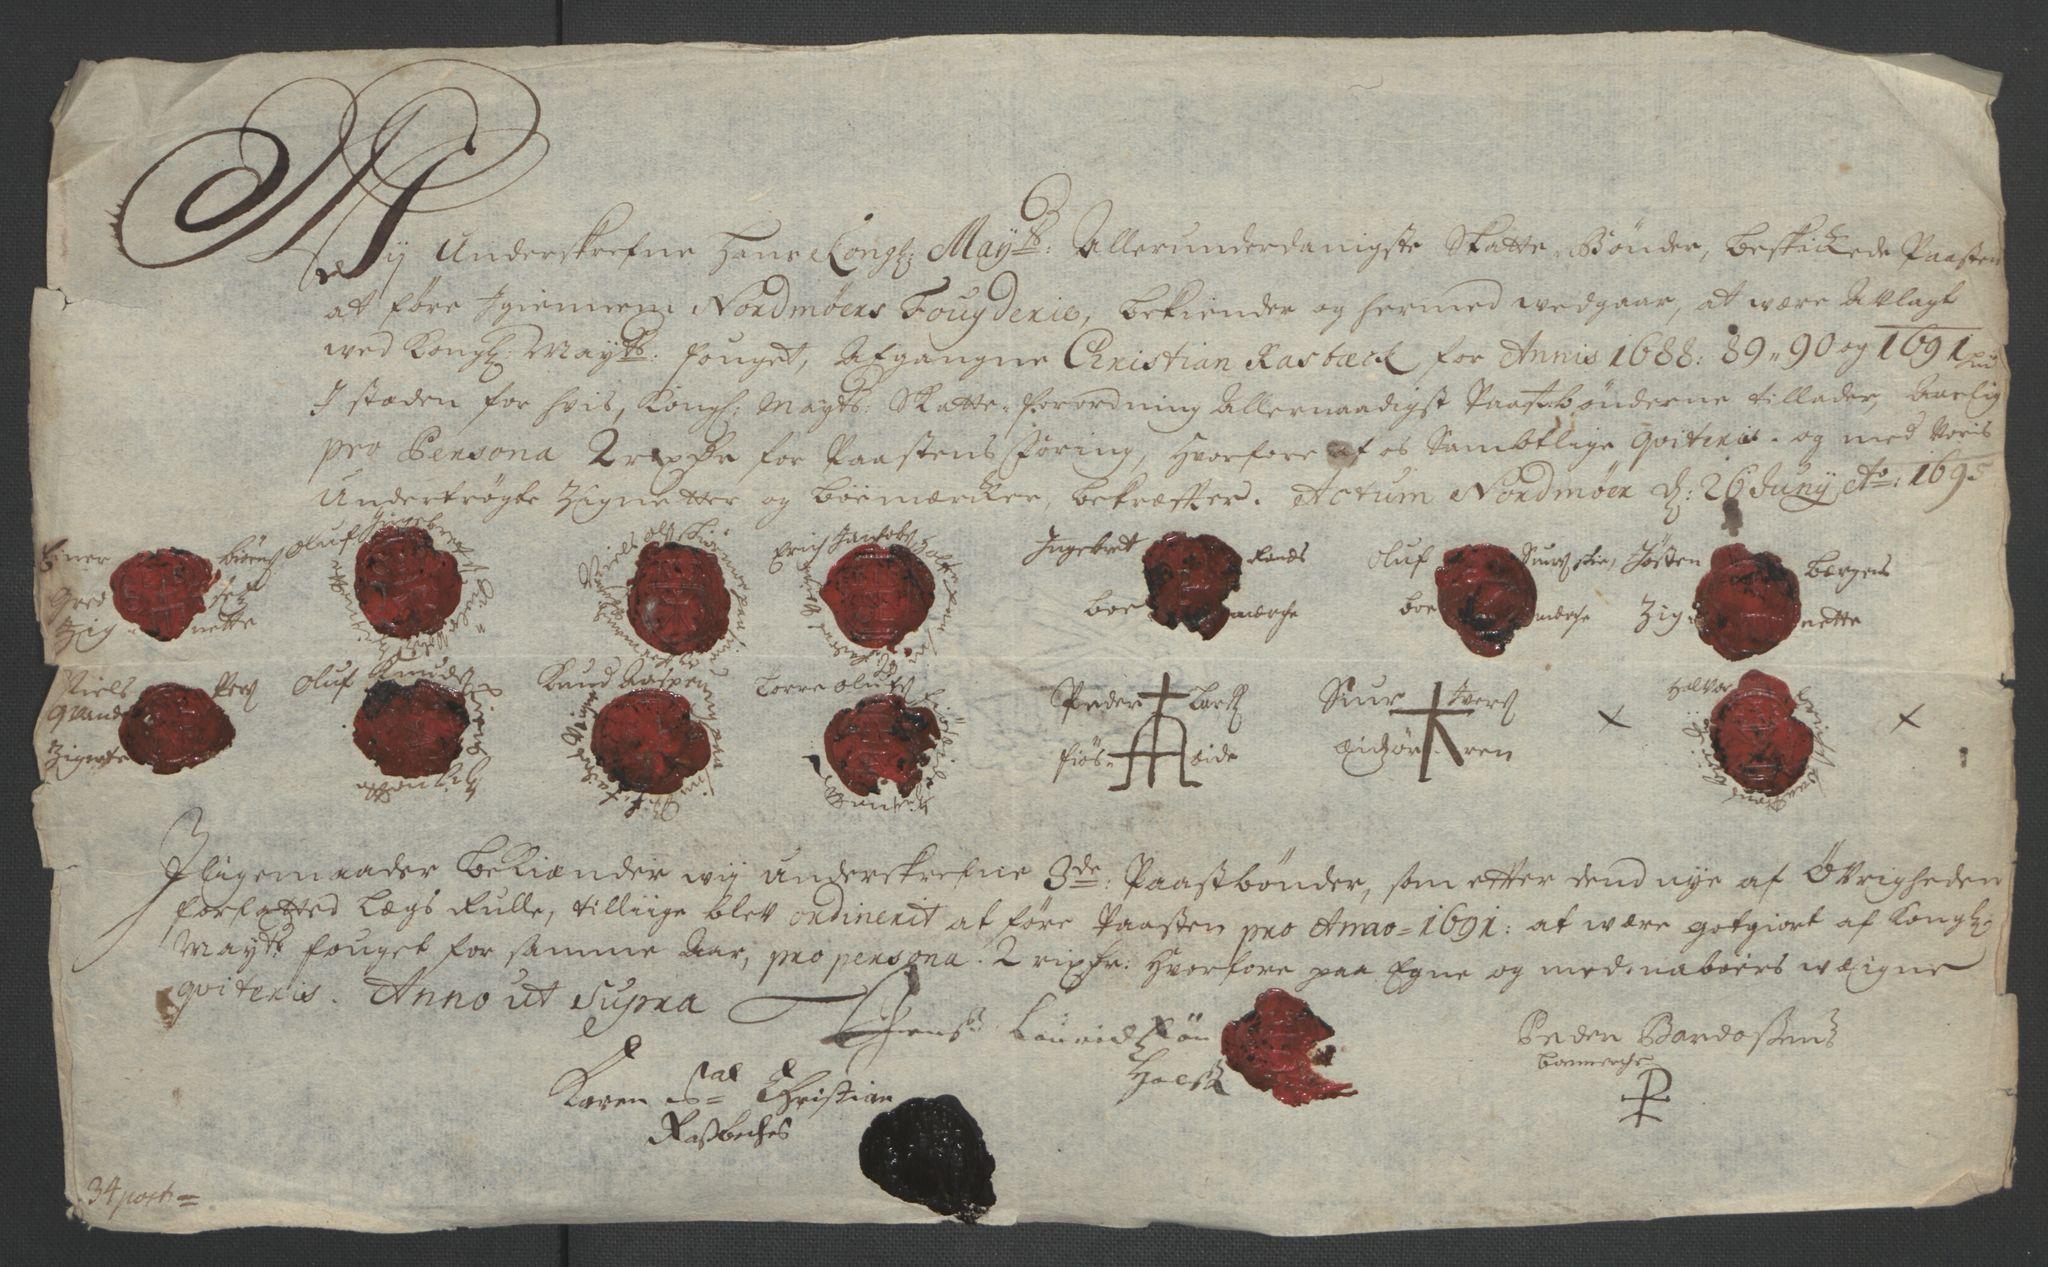 RA, Rentekammeret inntil 1814, Reviderte regnskaper, Fogderegnskap, R56/L3734: Fogderegnskap Nordmøre, 1690-1691, s. 479